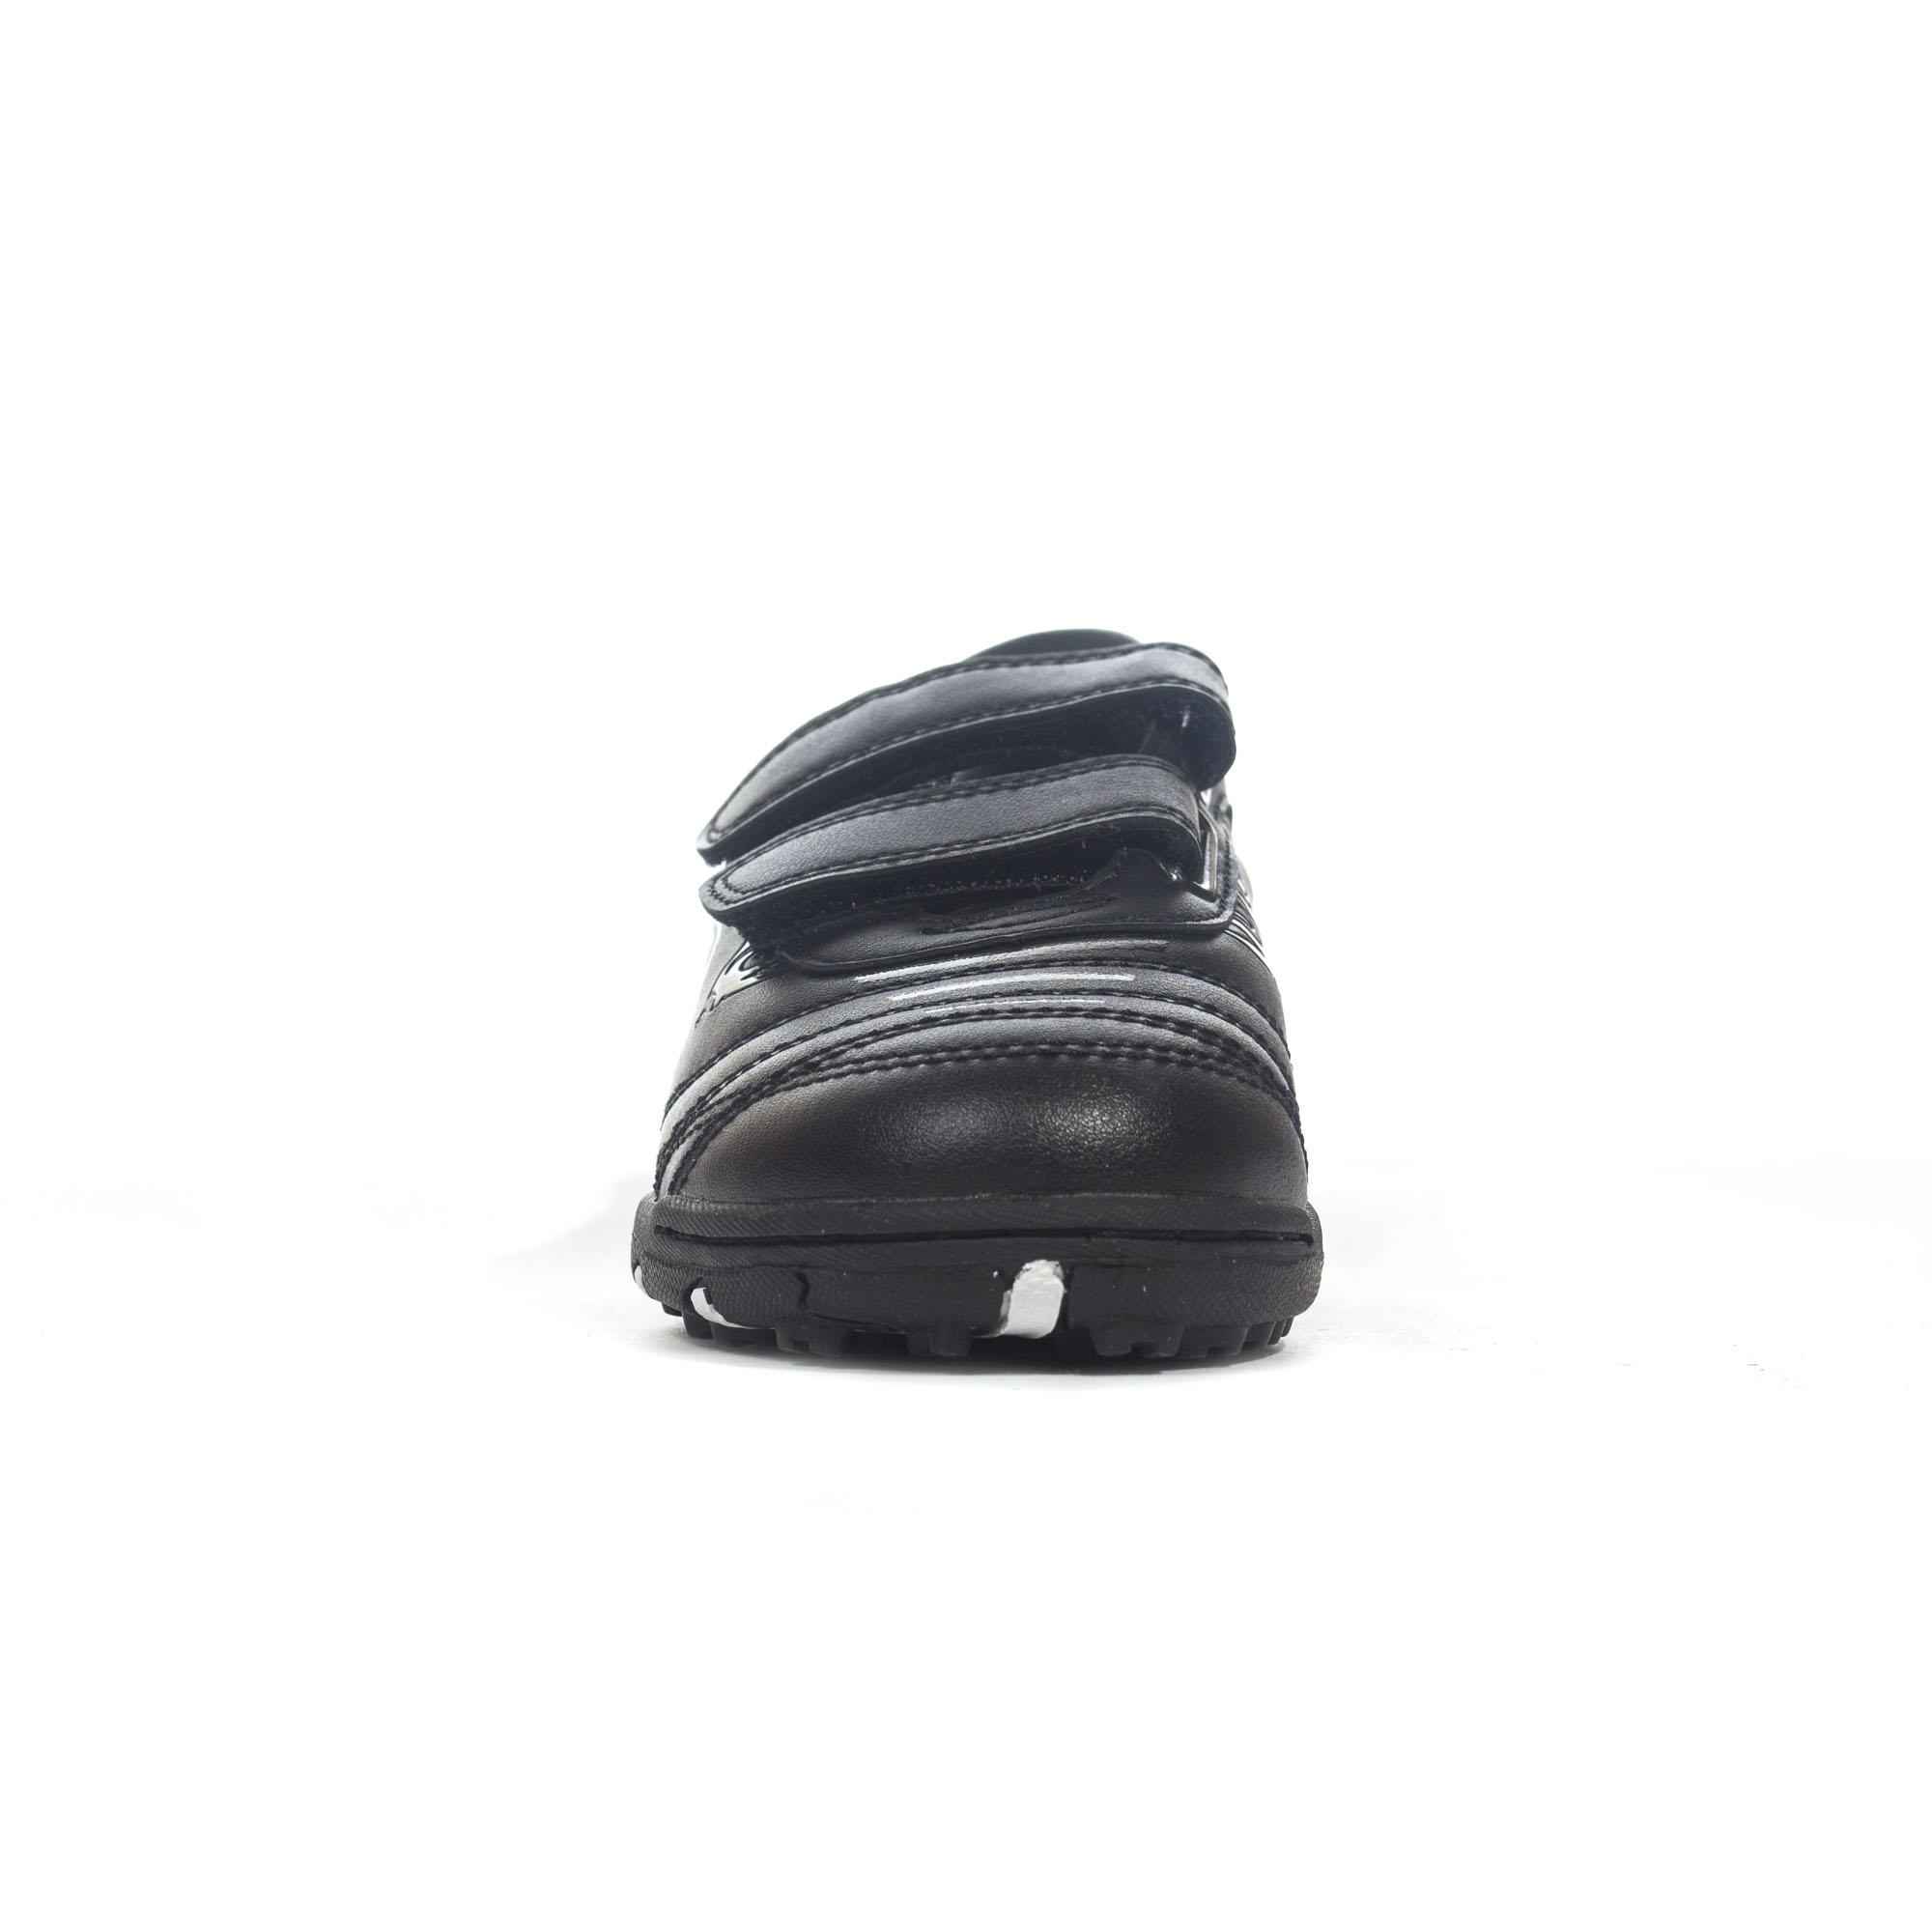 Optimum-rasoir-Bracelet-moule-Enfants-Astro-Turf-Basket-Chaussure-Noir-Argent miniature 9